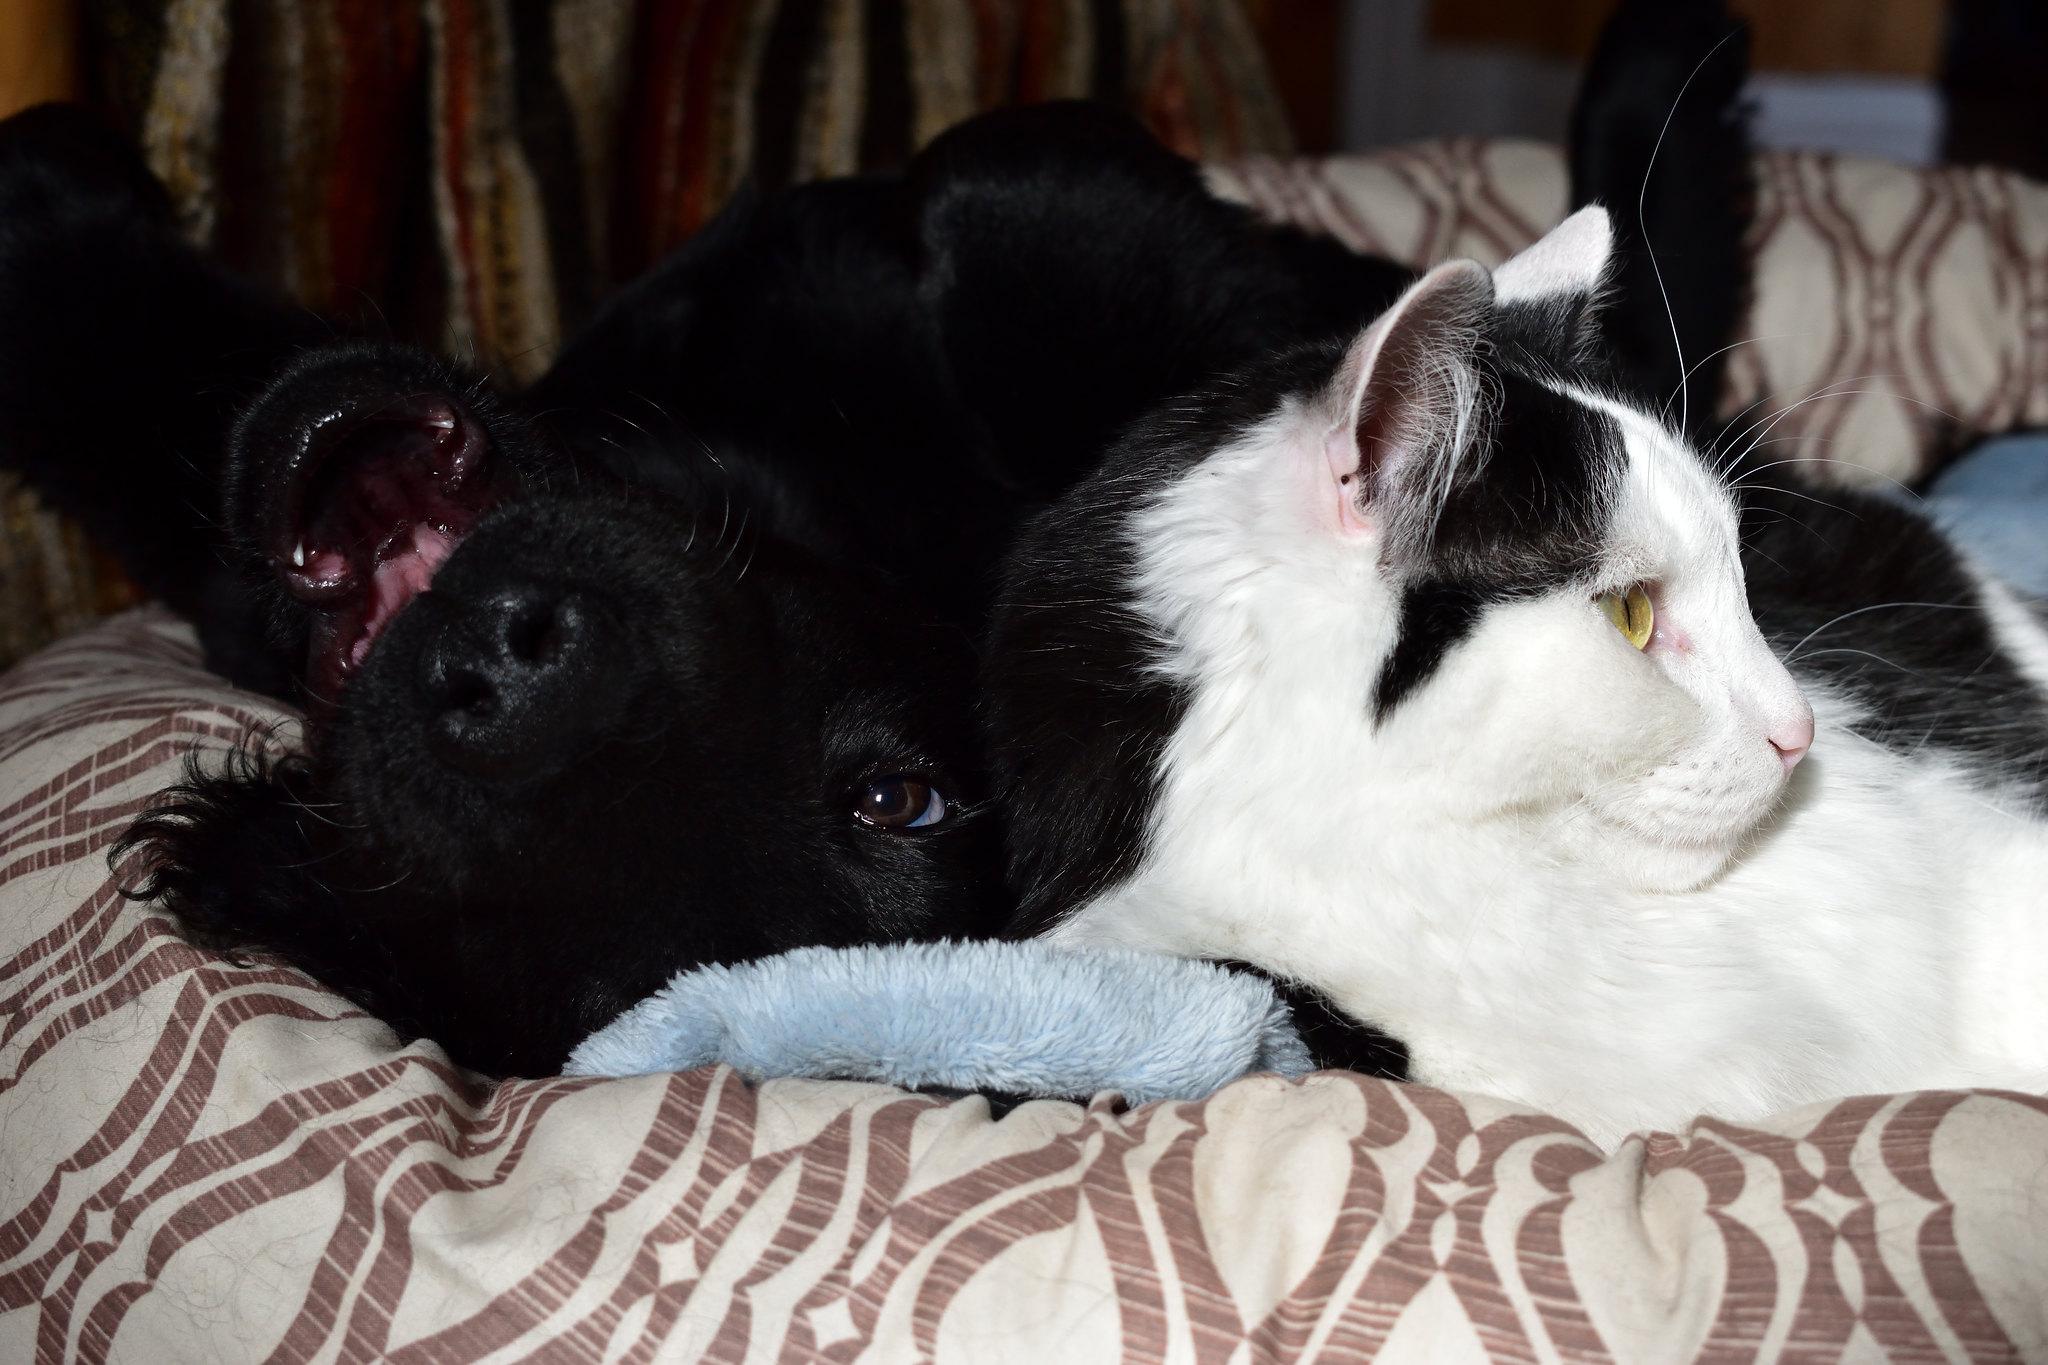 cachorro e gato brincando juntos em lar multi-pet